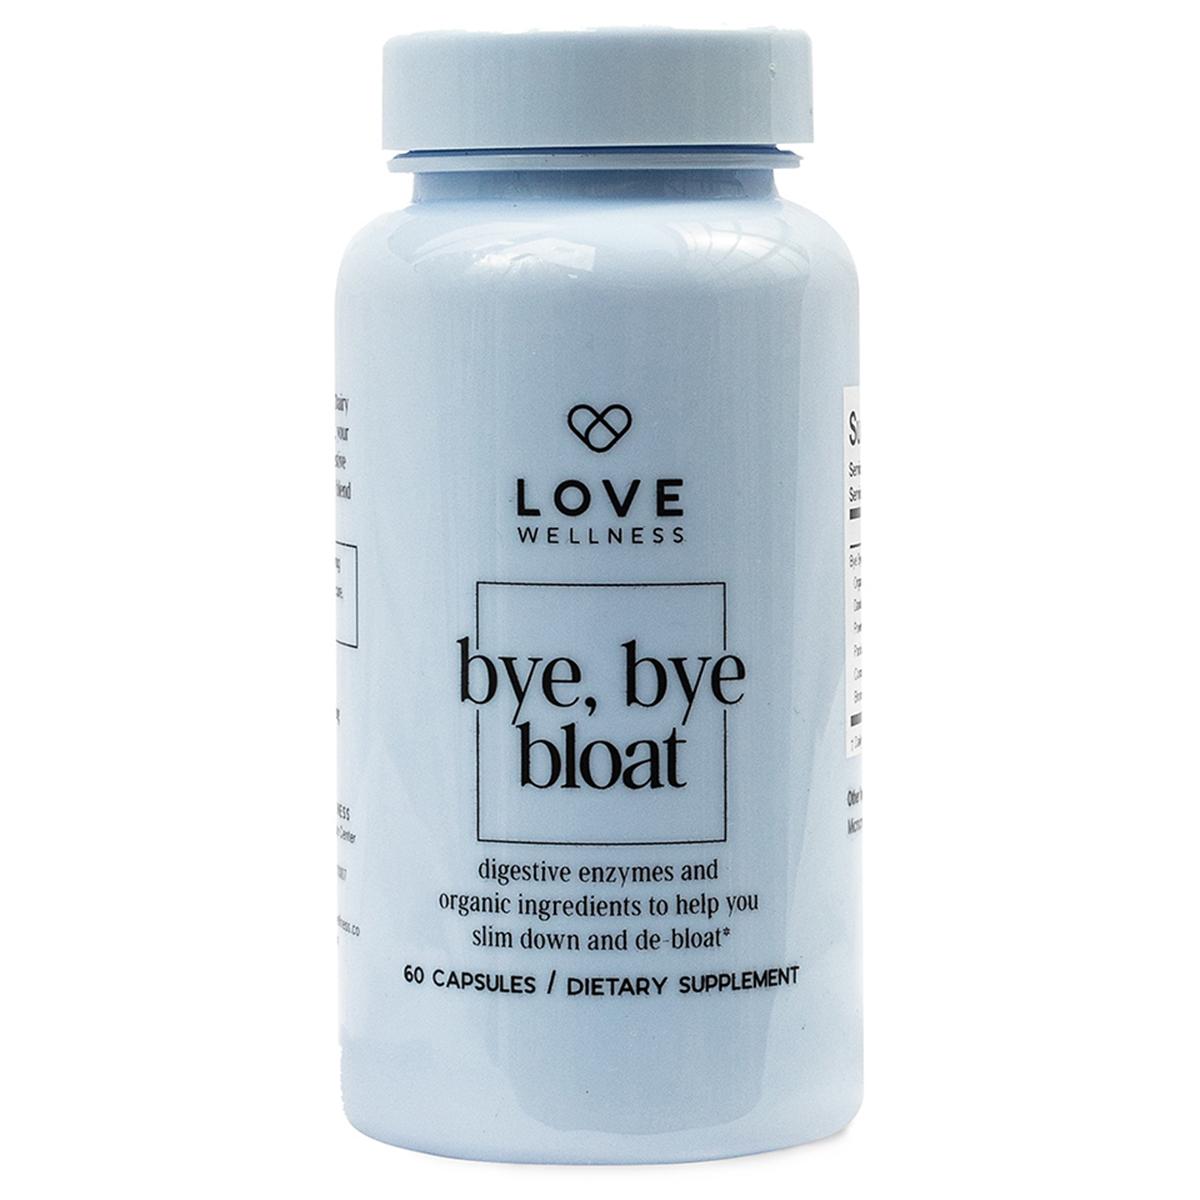 Bye Bye Bloat